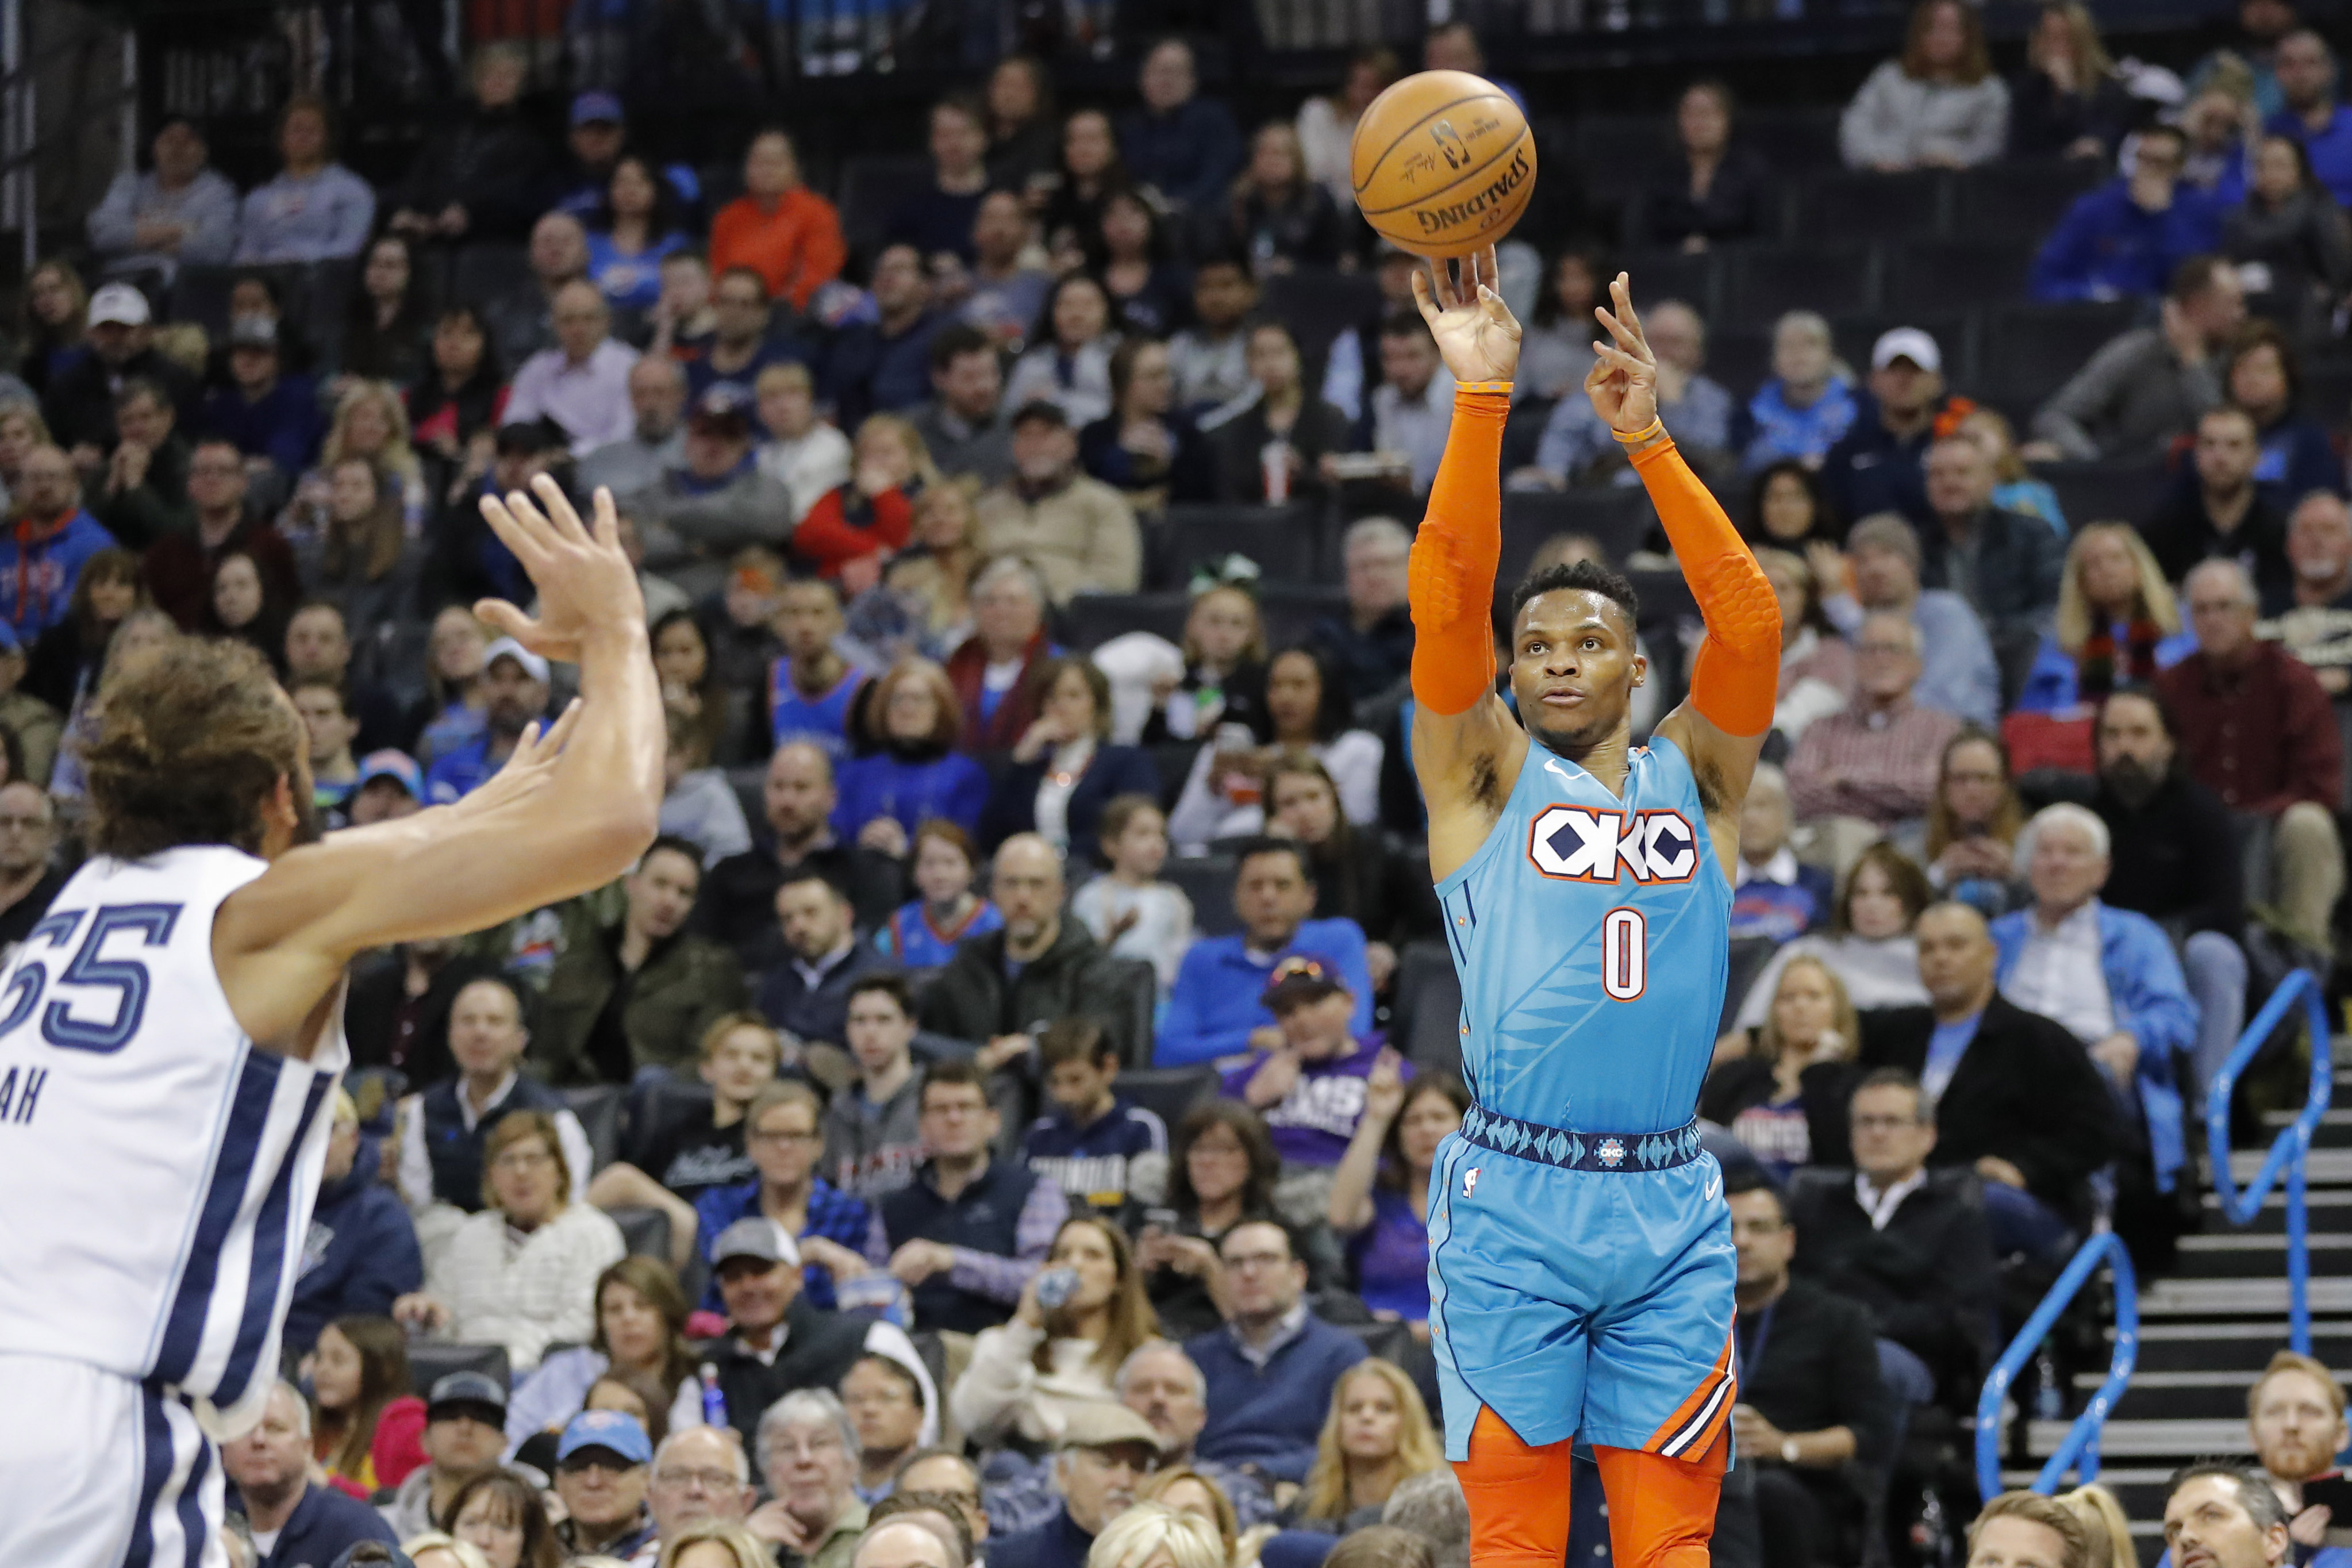 Con 12 de sus 22 puntos en el último cuarto, Russell Westbrook rescató al Thunder de un déficit de 13 unidades y con 35.5 segundos la dio vuelta al partido. Por Memphis destacó Avery Bradley con 27 puntos.